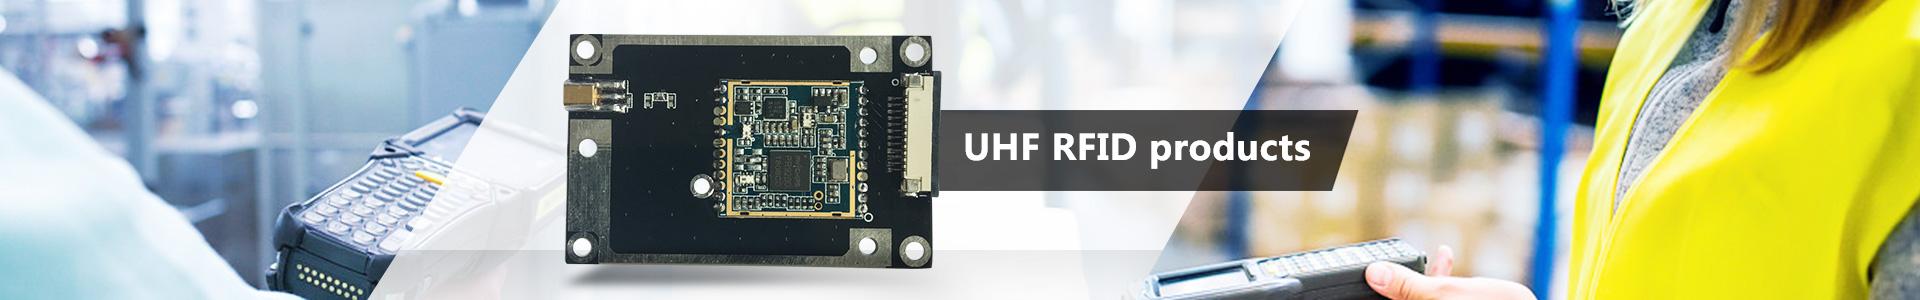 China UHF RFID Antenna, UHF RFID Reader Antenna - Winnix